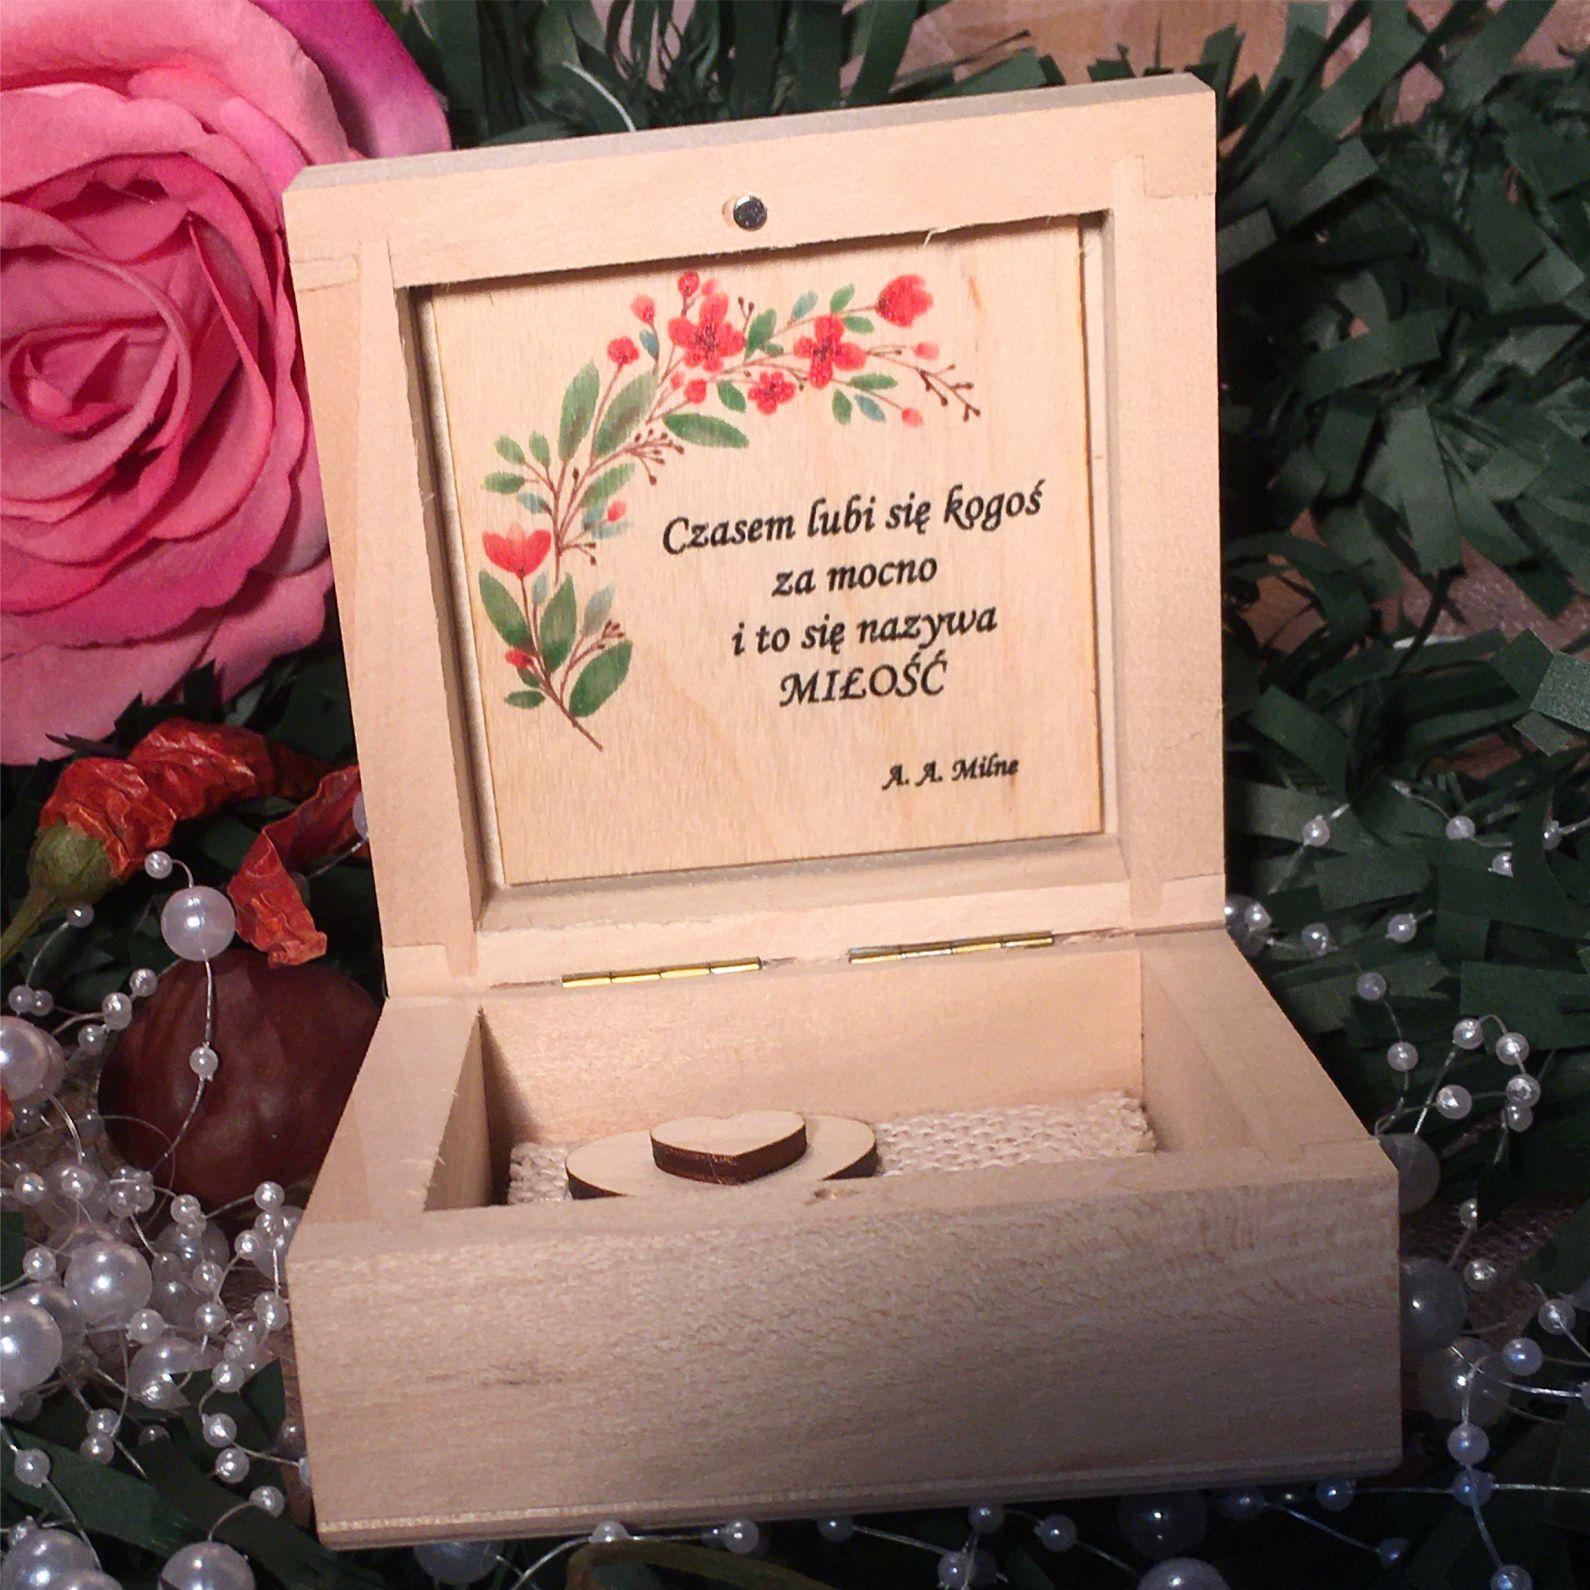 Środek pudełka kwiaty czerwone